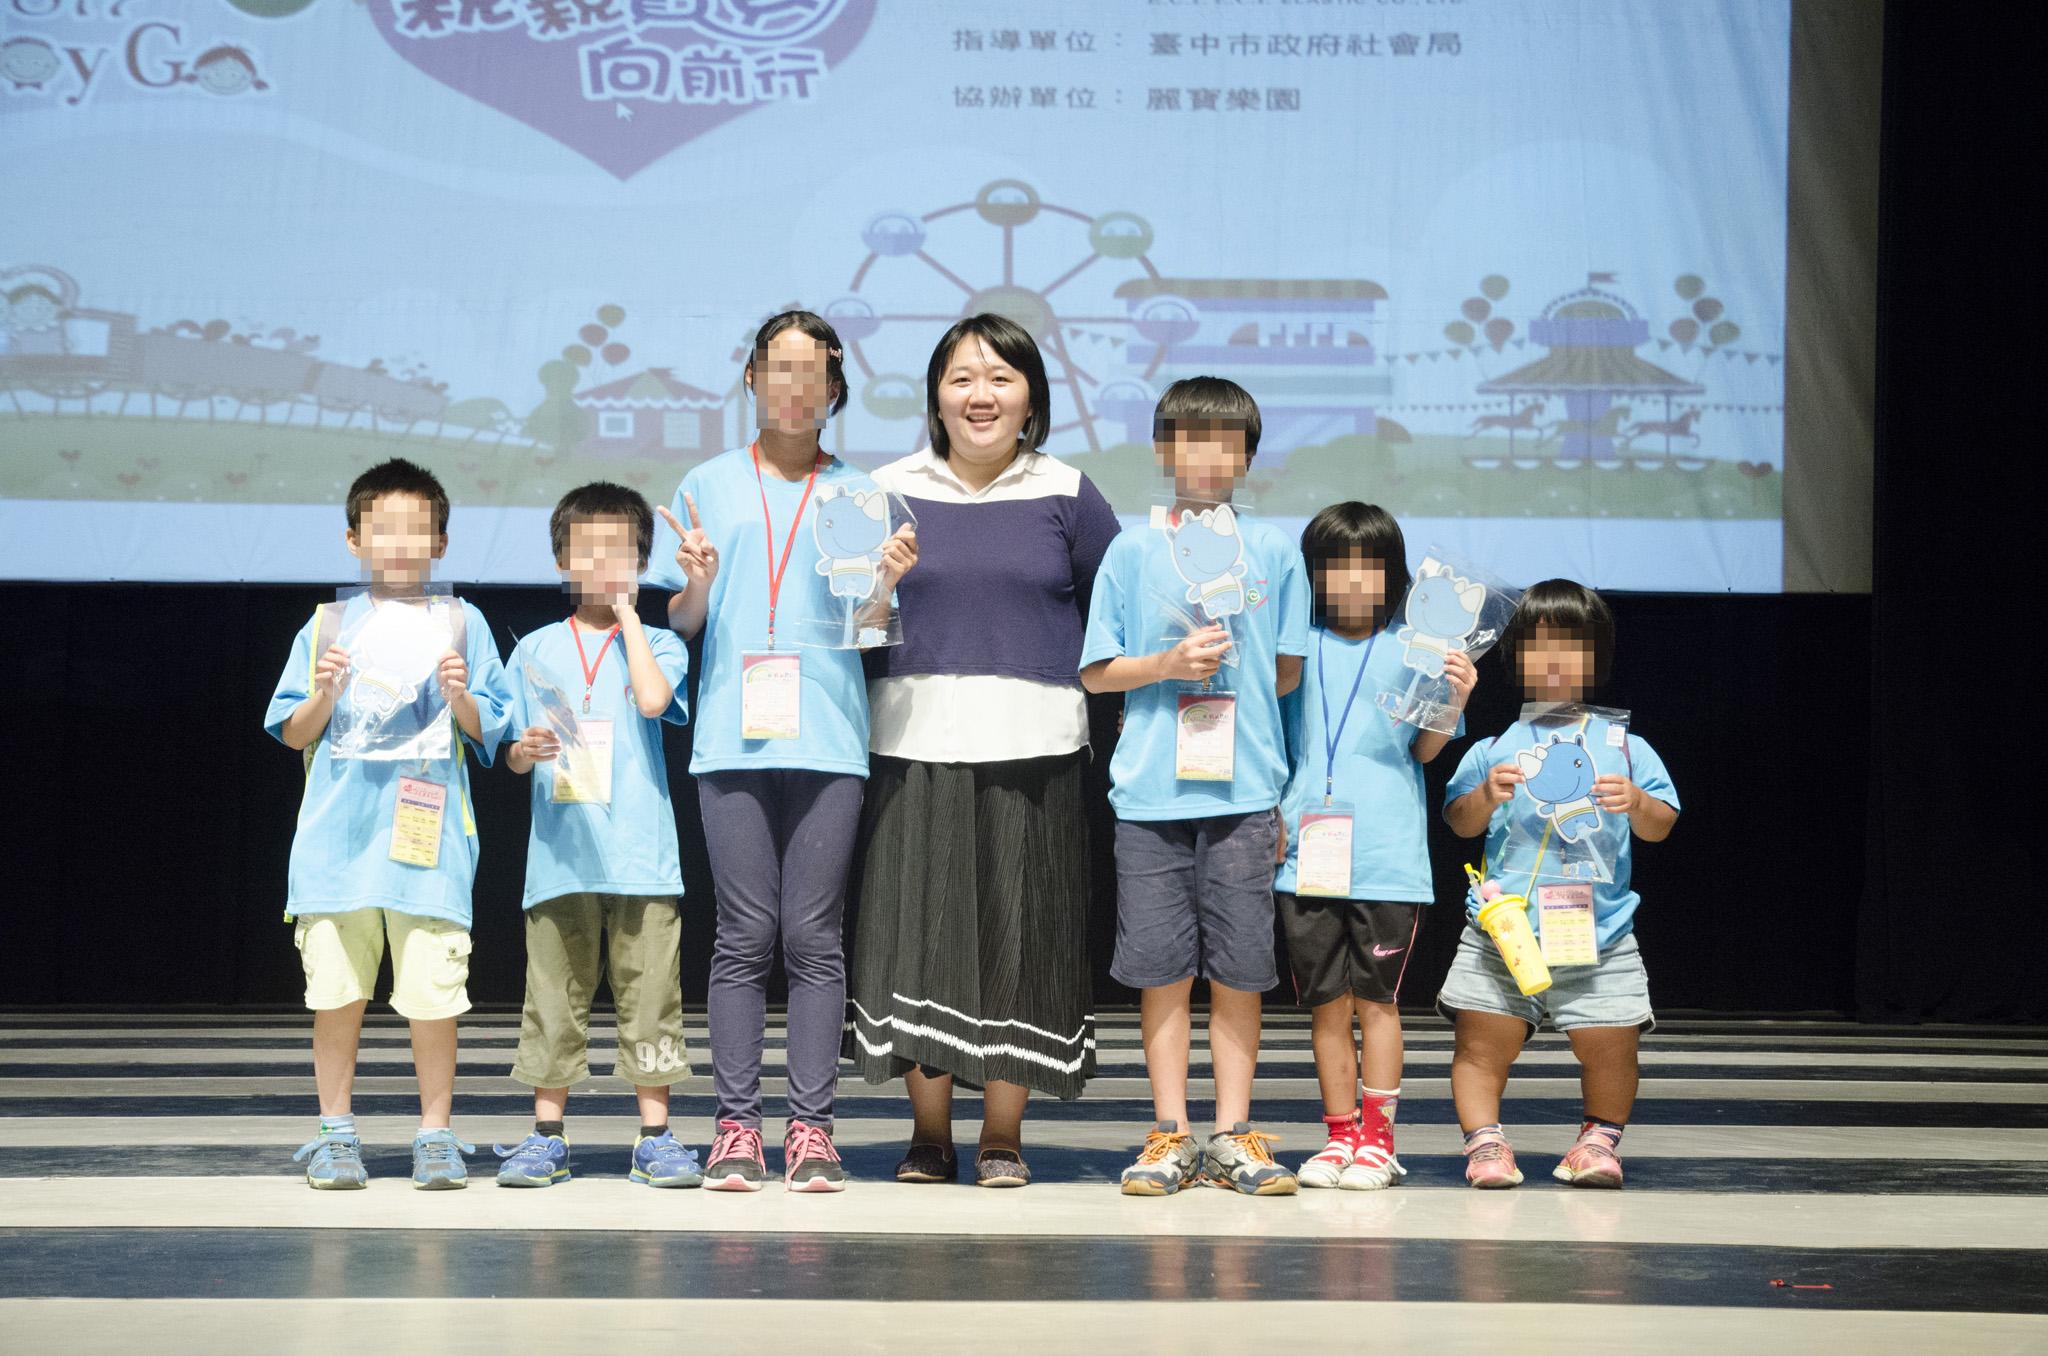 贊助單位:二億企業公司陳協理(圖中)頒贈小禮物予上台分享的孩子。